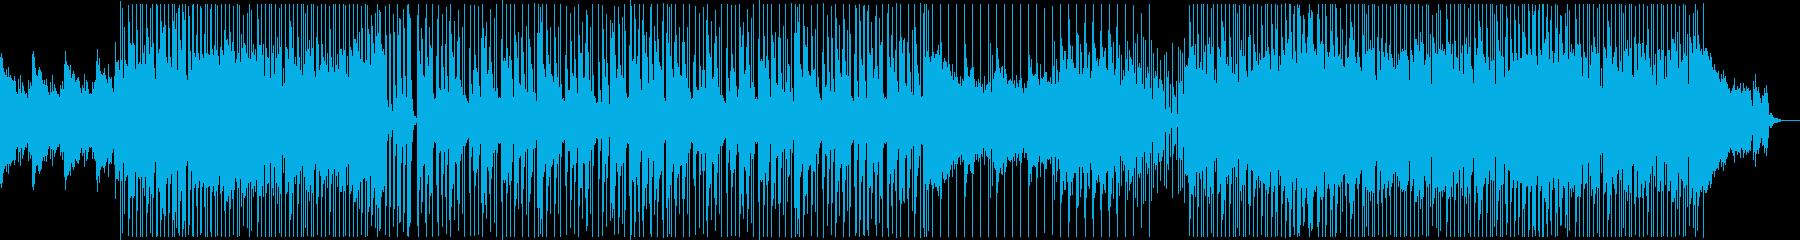 ピアノの旋律が印象的なロックの再生済みの波形